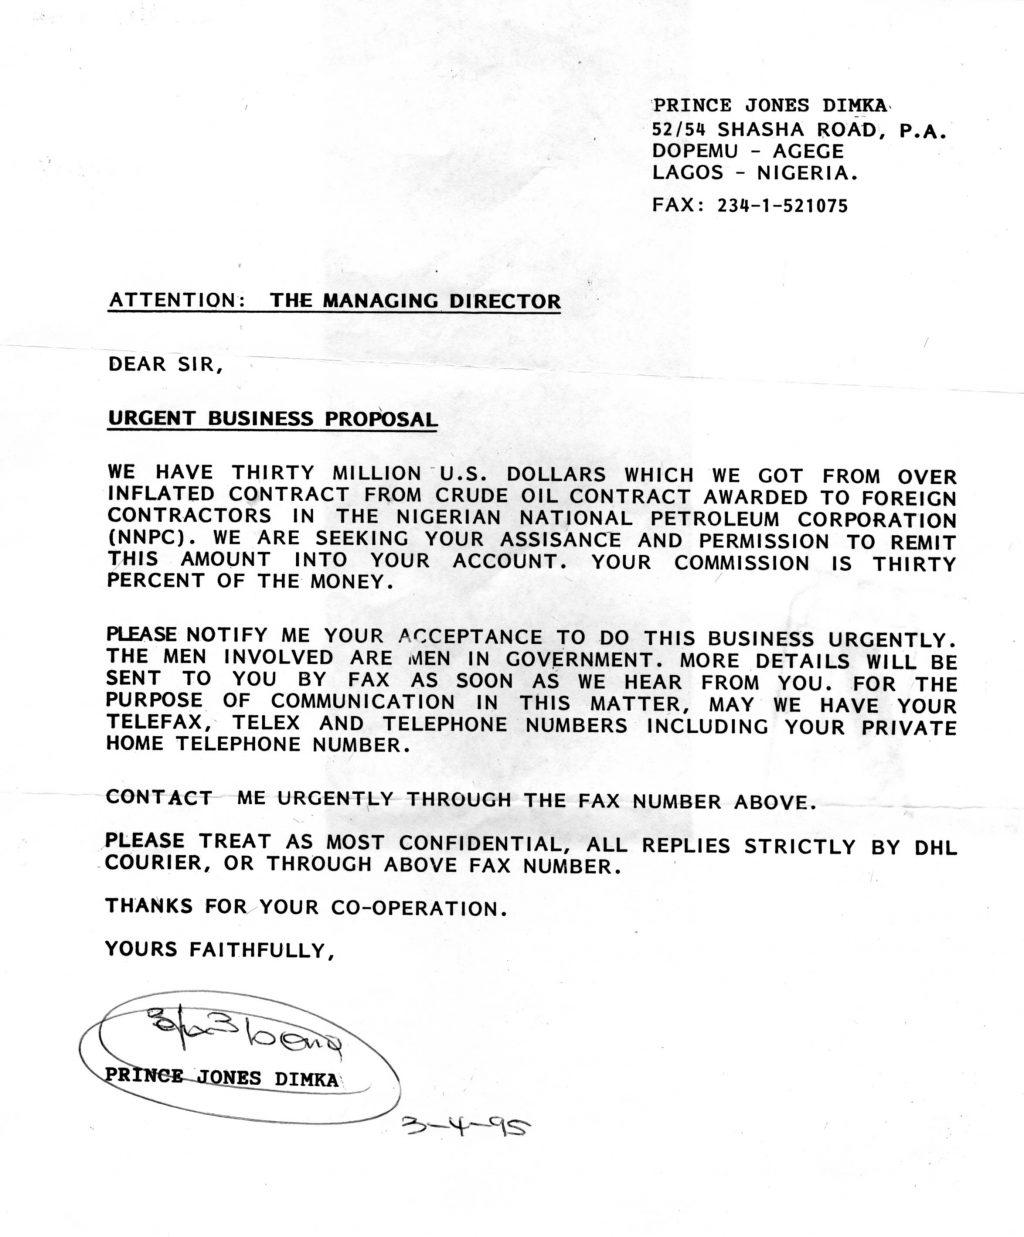 lettre de prise en charge mutuelle